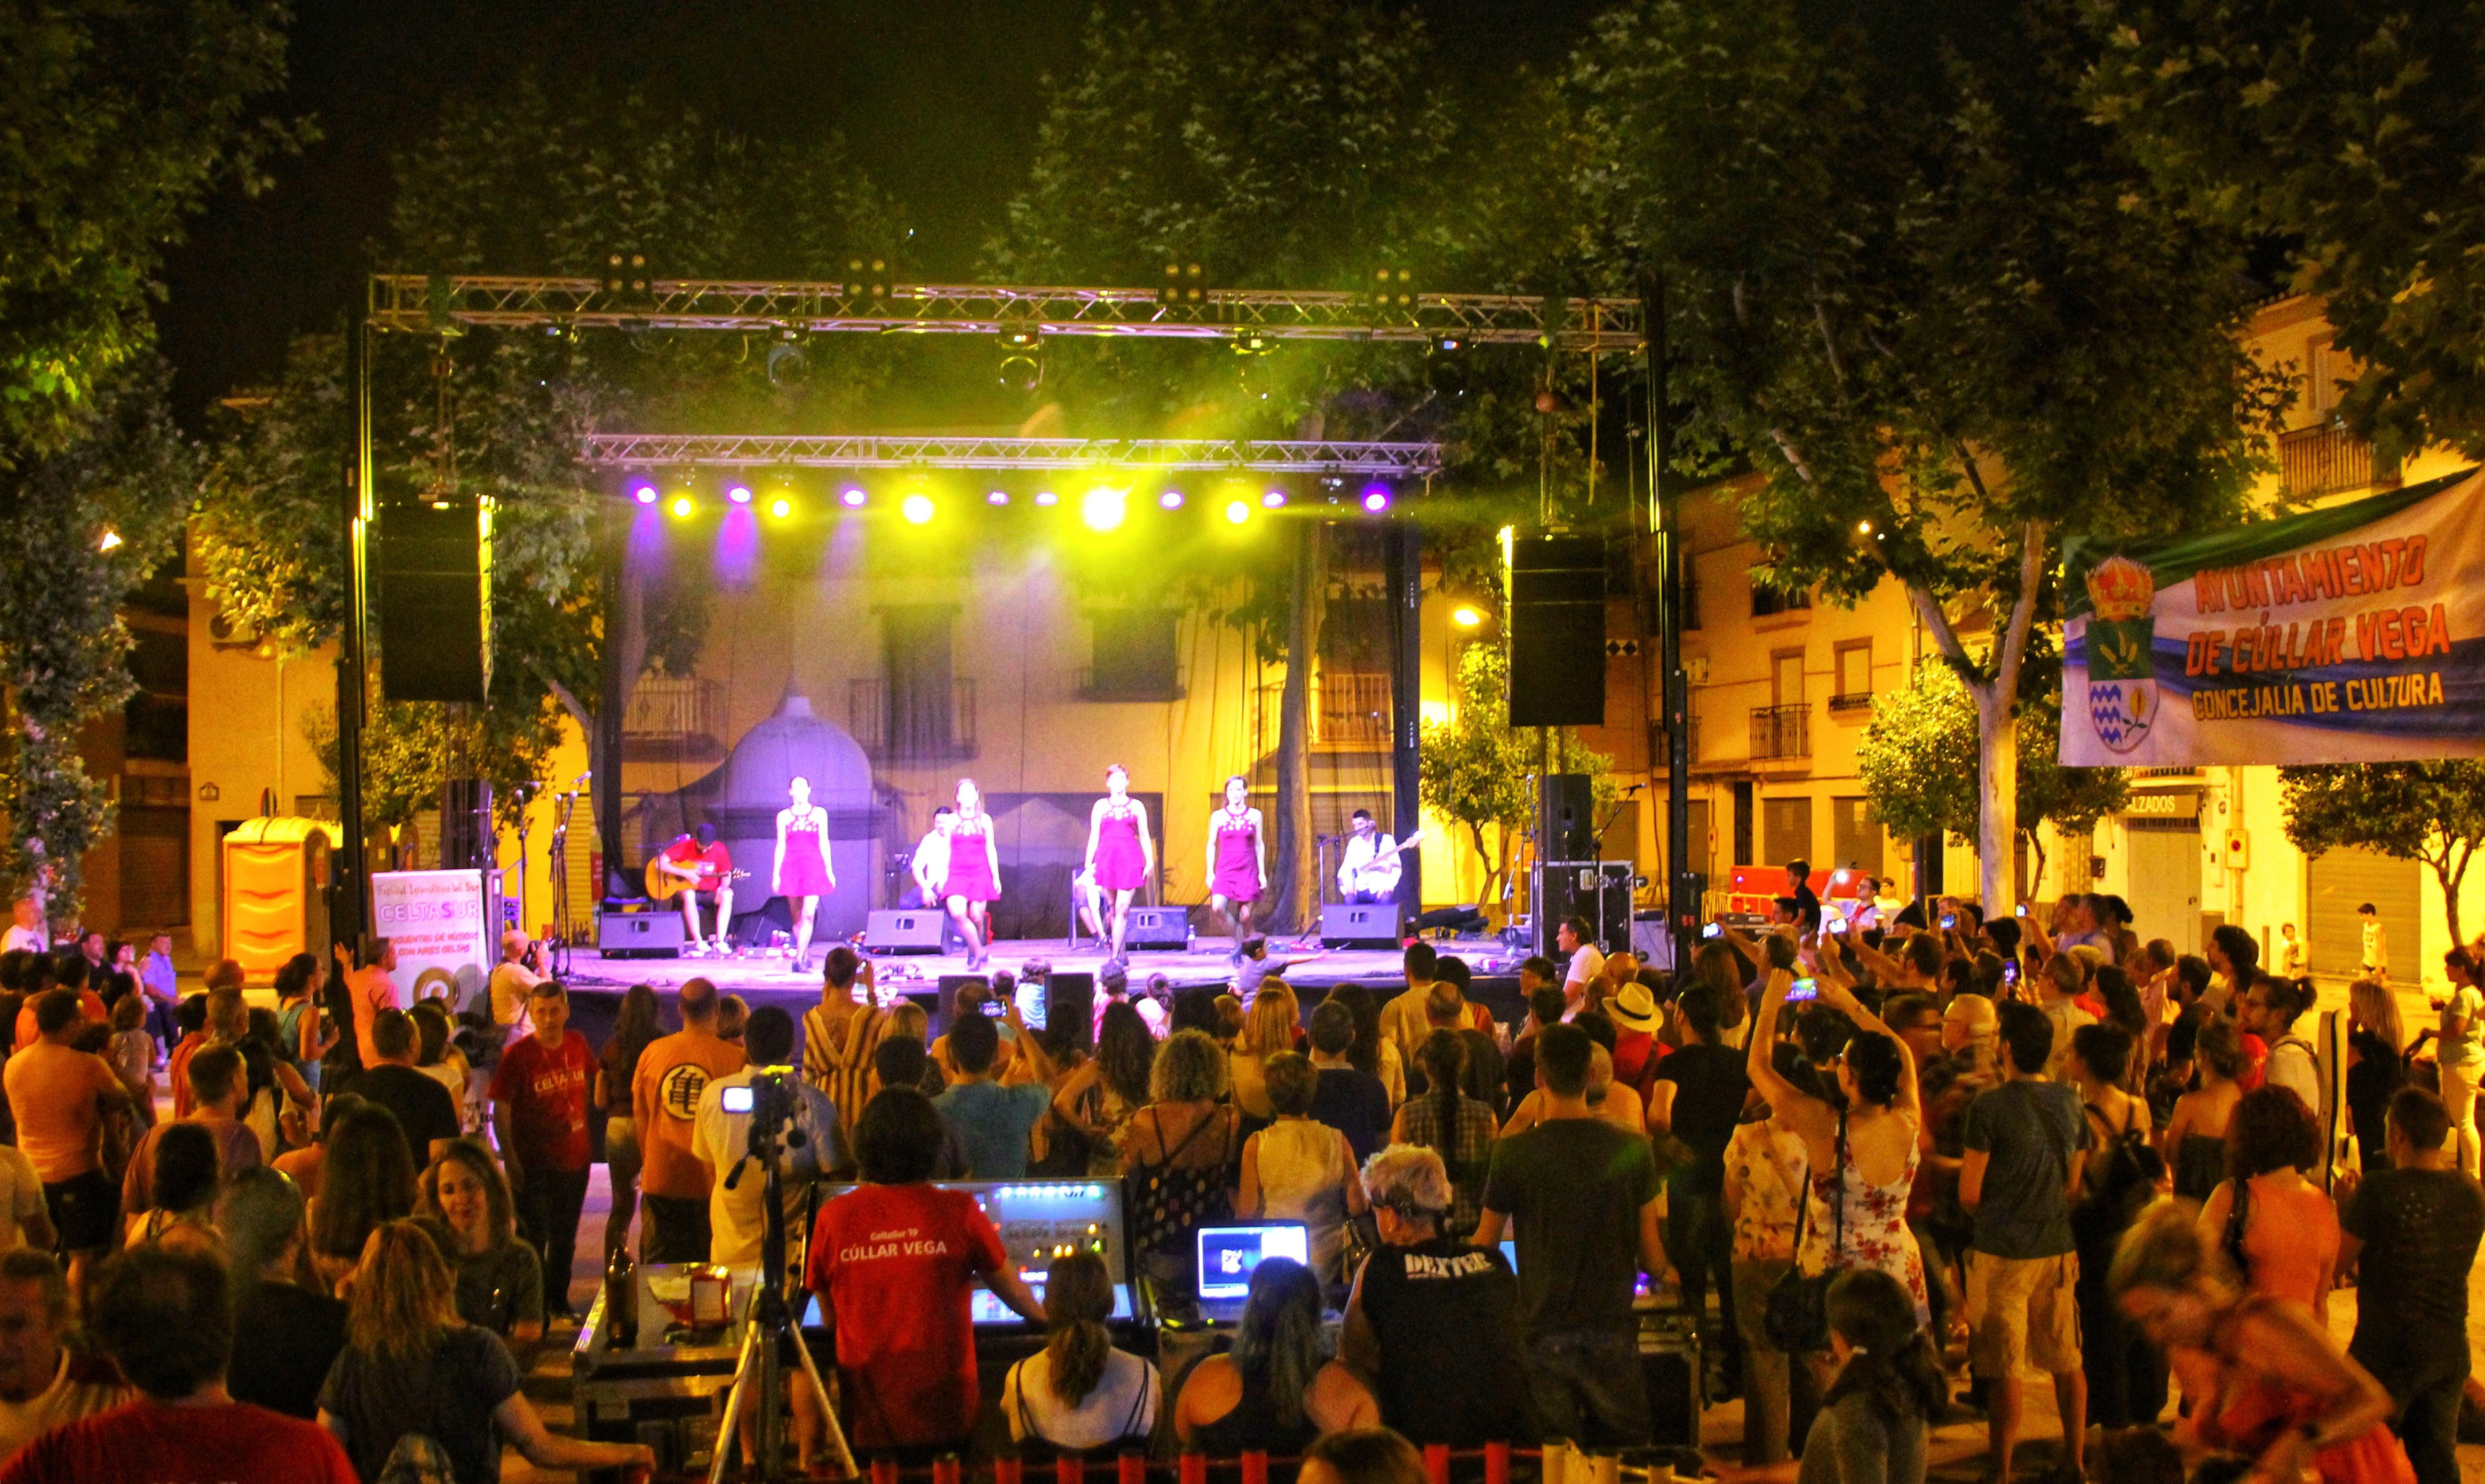 Más de 2.000 personas disfrutan de la mejor música en el Festival Intercéltico del Sur Celtasur en Cúllar Vega